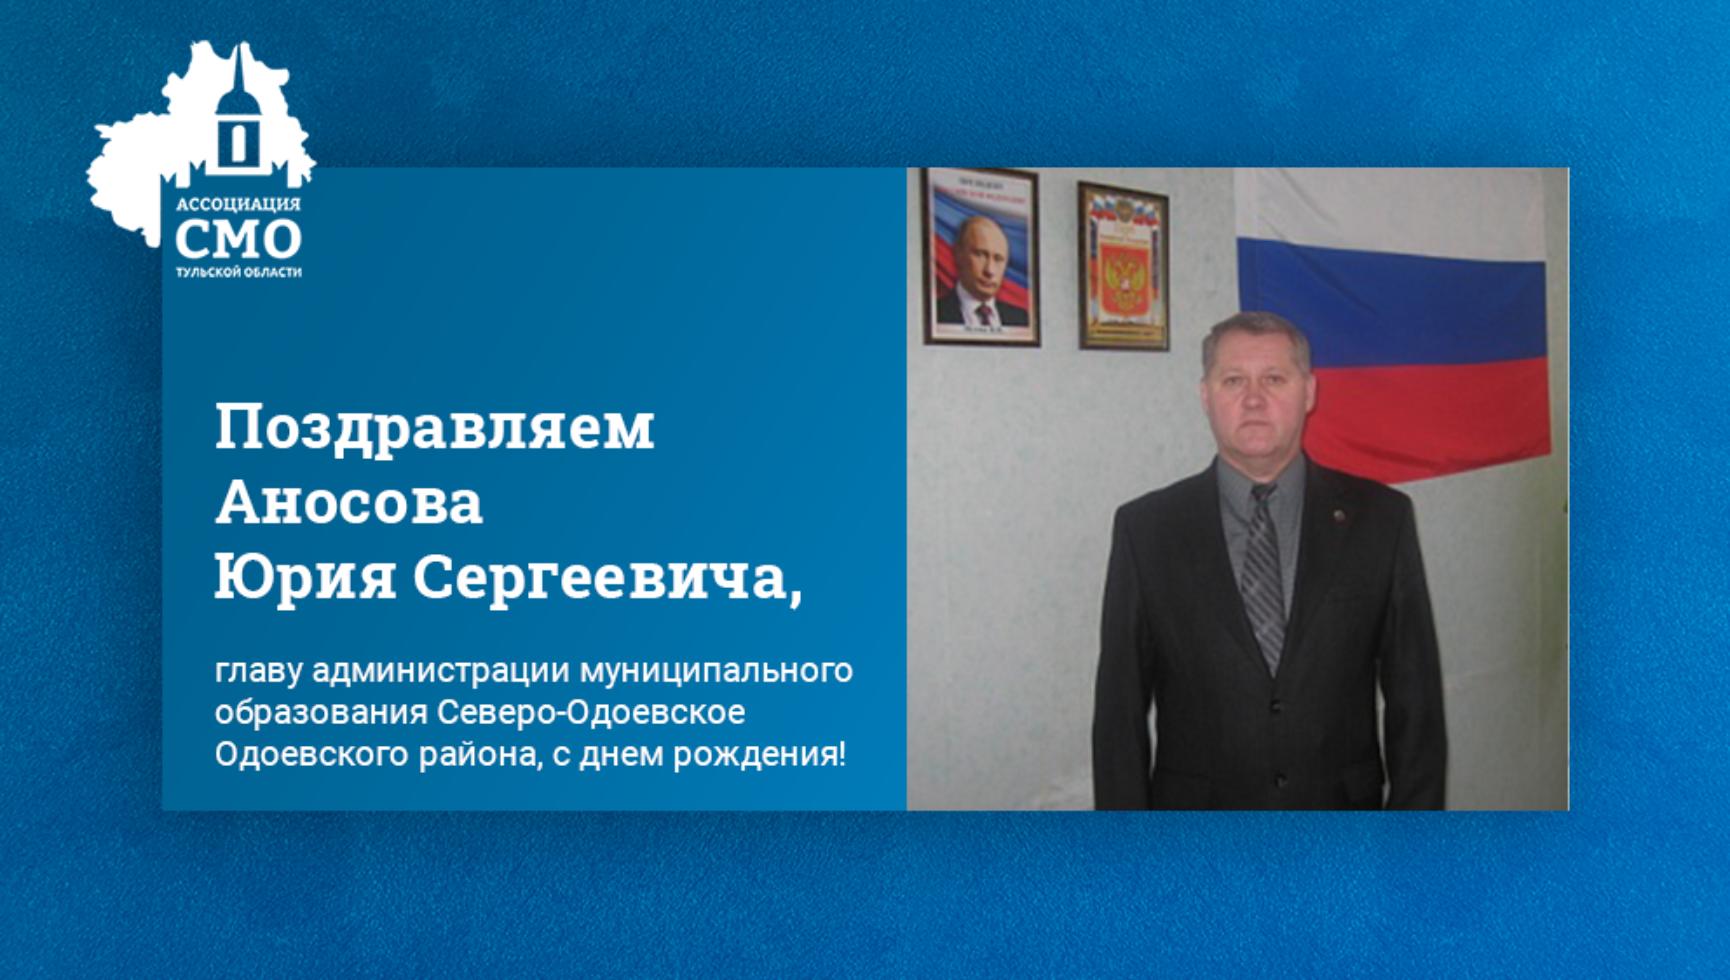 Поздравляем Аносова Юрия Сергеевича, главу администрации муниципального образования Северо-Одоевское Одоевского района, с днем рождения!